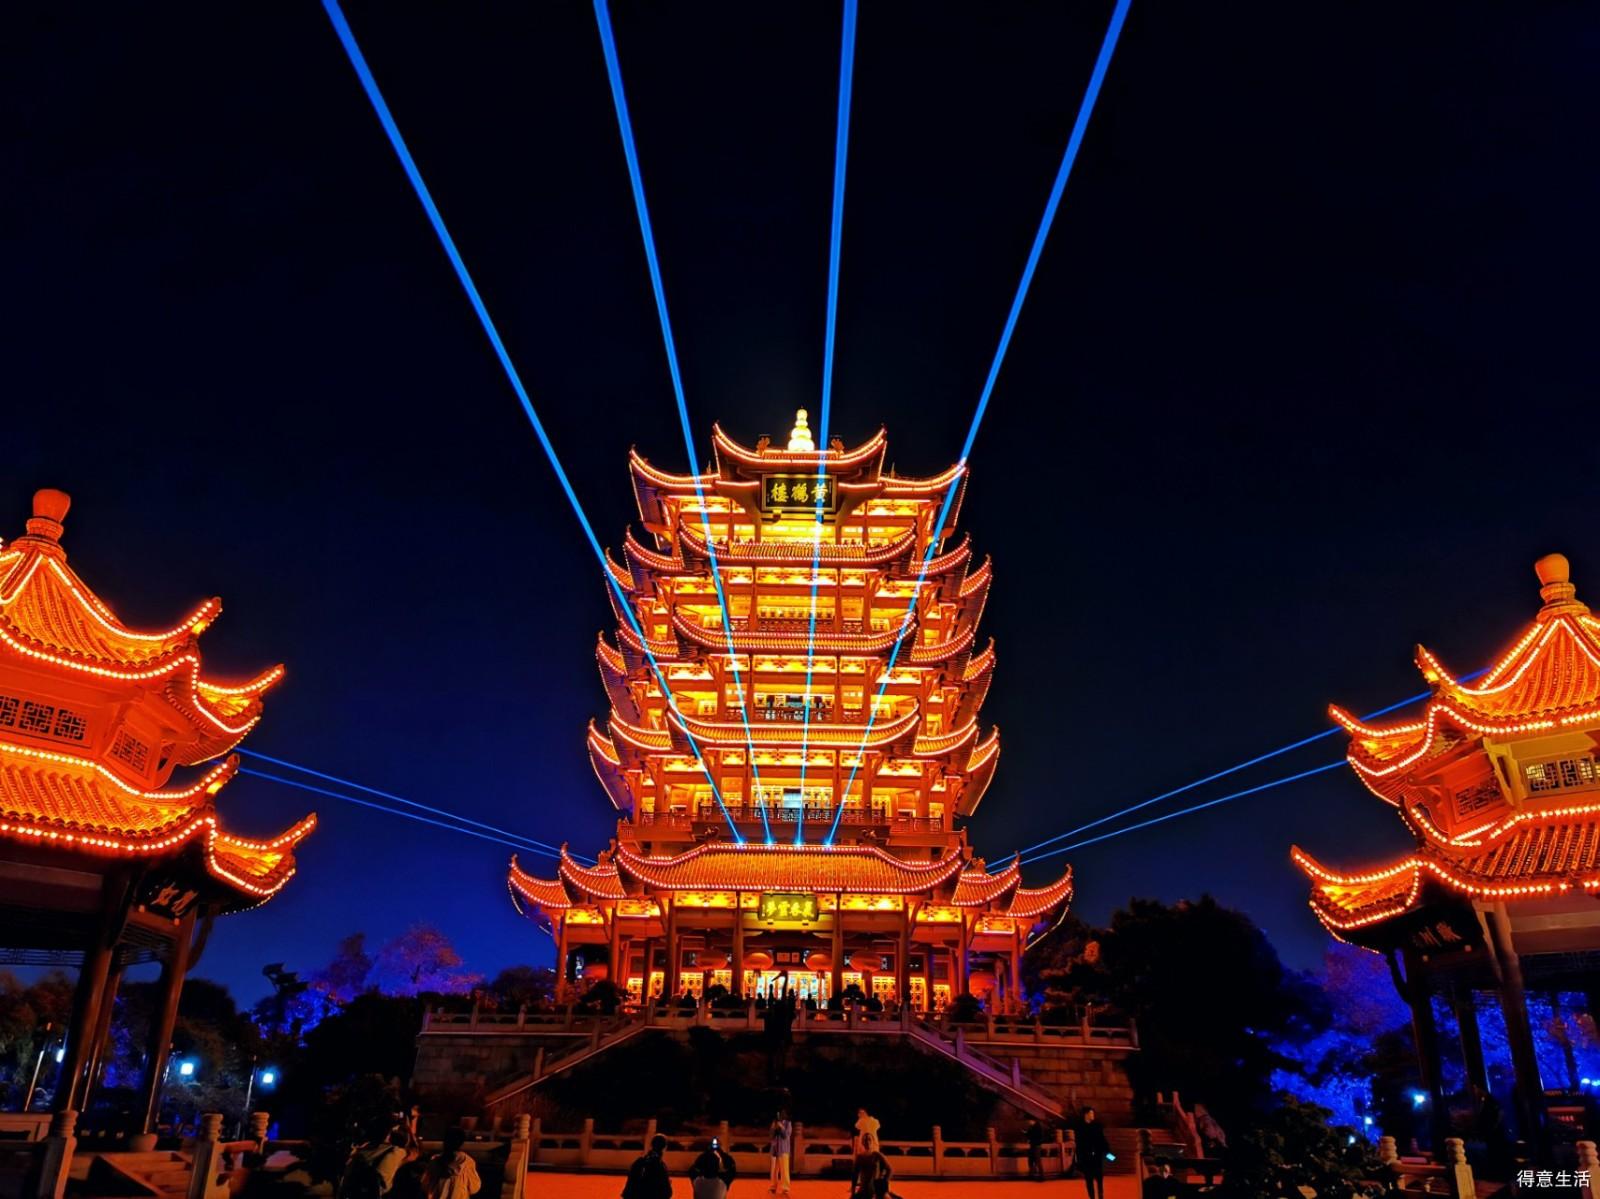 重磅!湖北30个景区免费游!武汉春节200000张惠民券又来了!